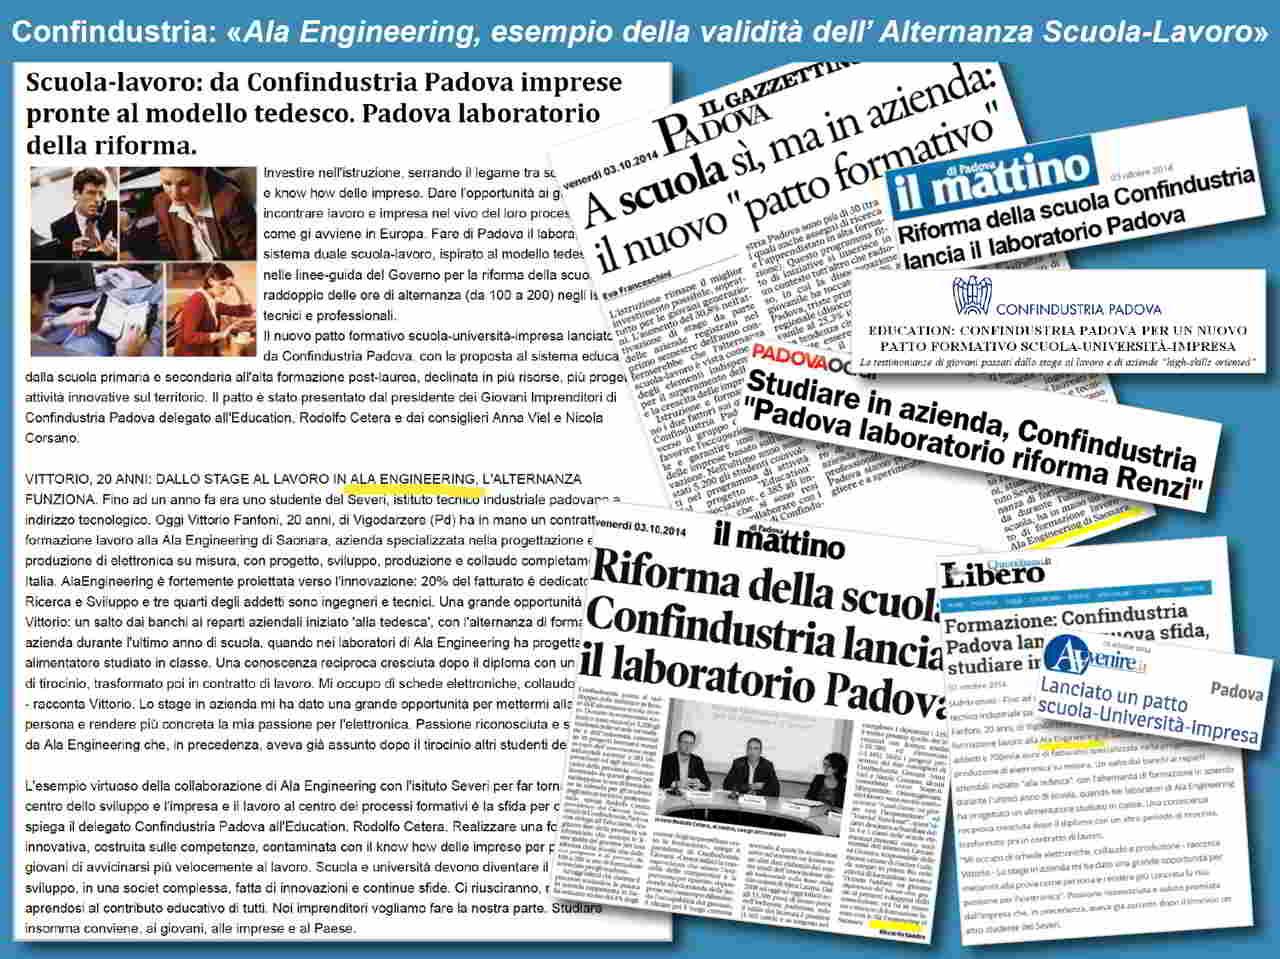 """, Confindustria: """"Ala Engineering esempio virtuoso per l'Alternanza Scuola-Lavoro"""""""